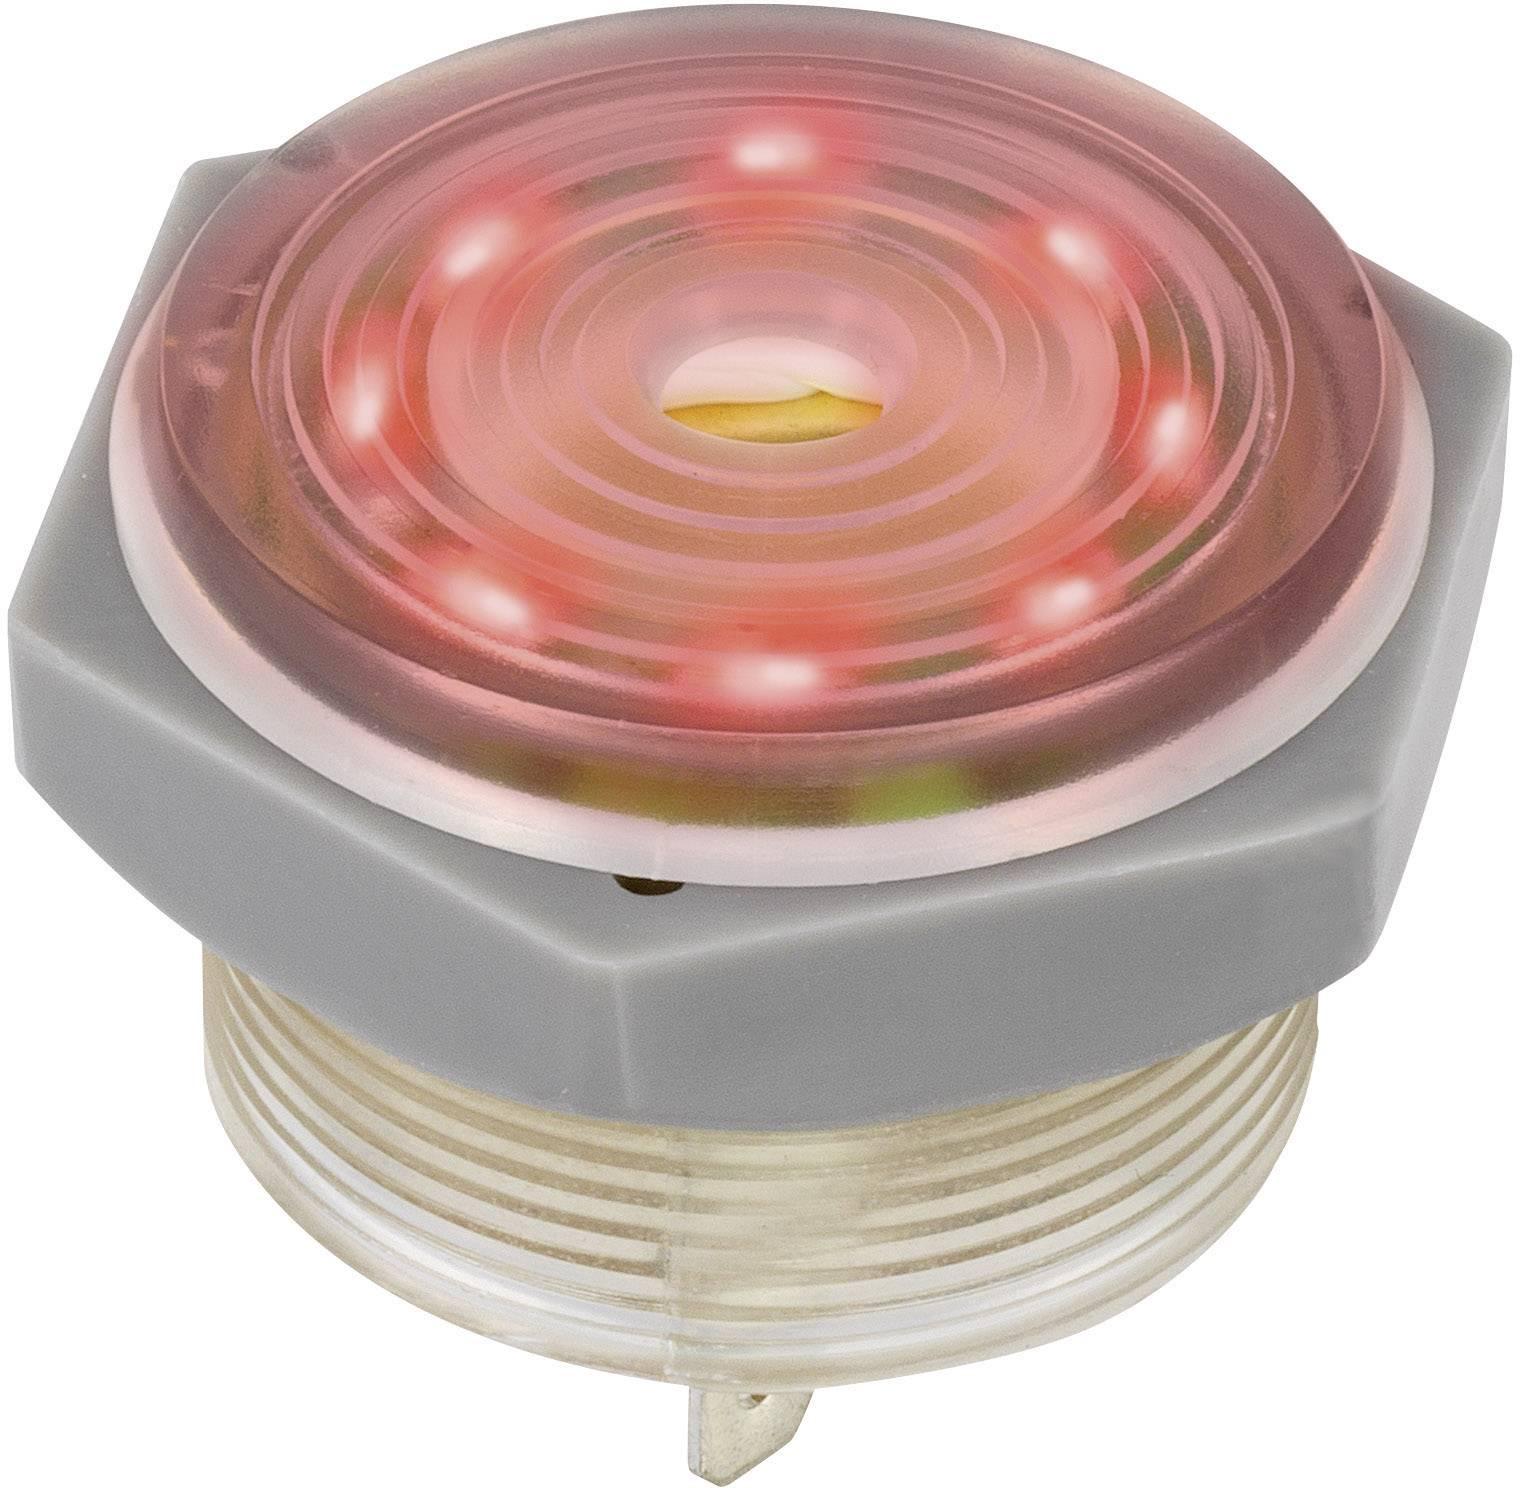 Piezo siréna 95 dB 12 VDC, červená